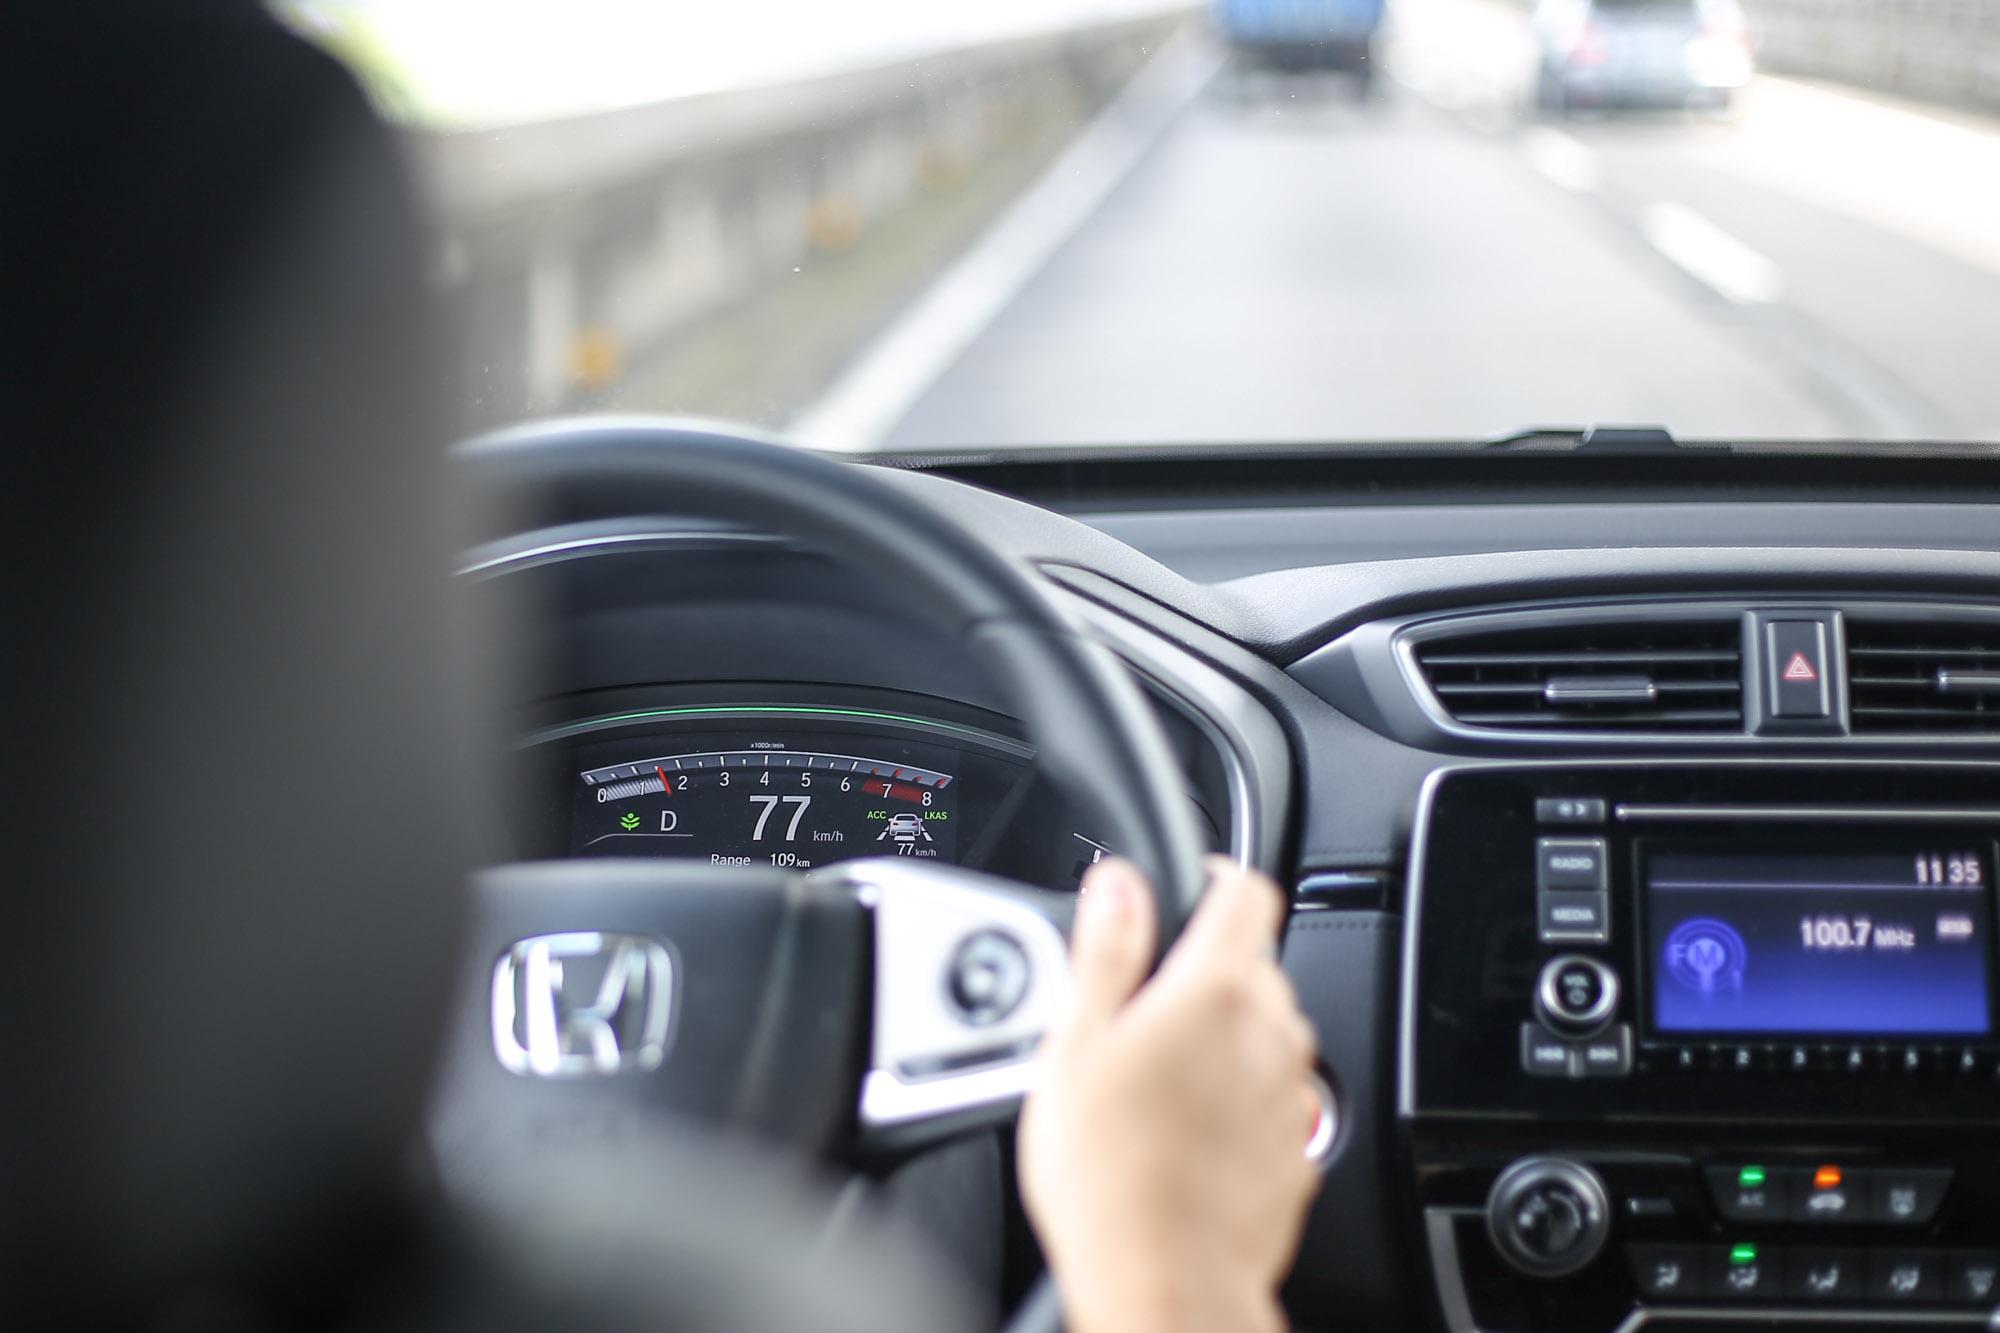 入門的 VTi 車型就配有 Level 2 等級的自動駕駛科技 Honda SENSING 智慧安全主動防護系統。